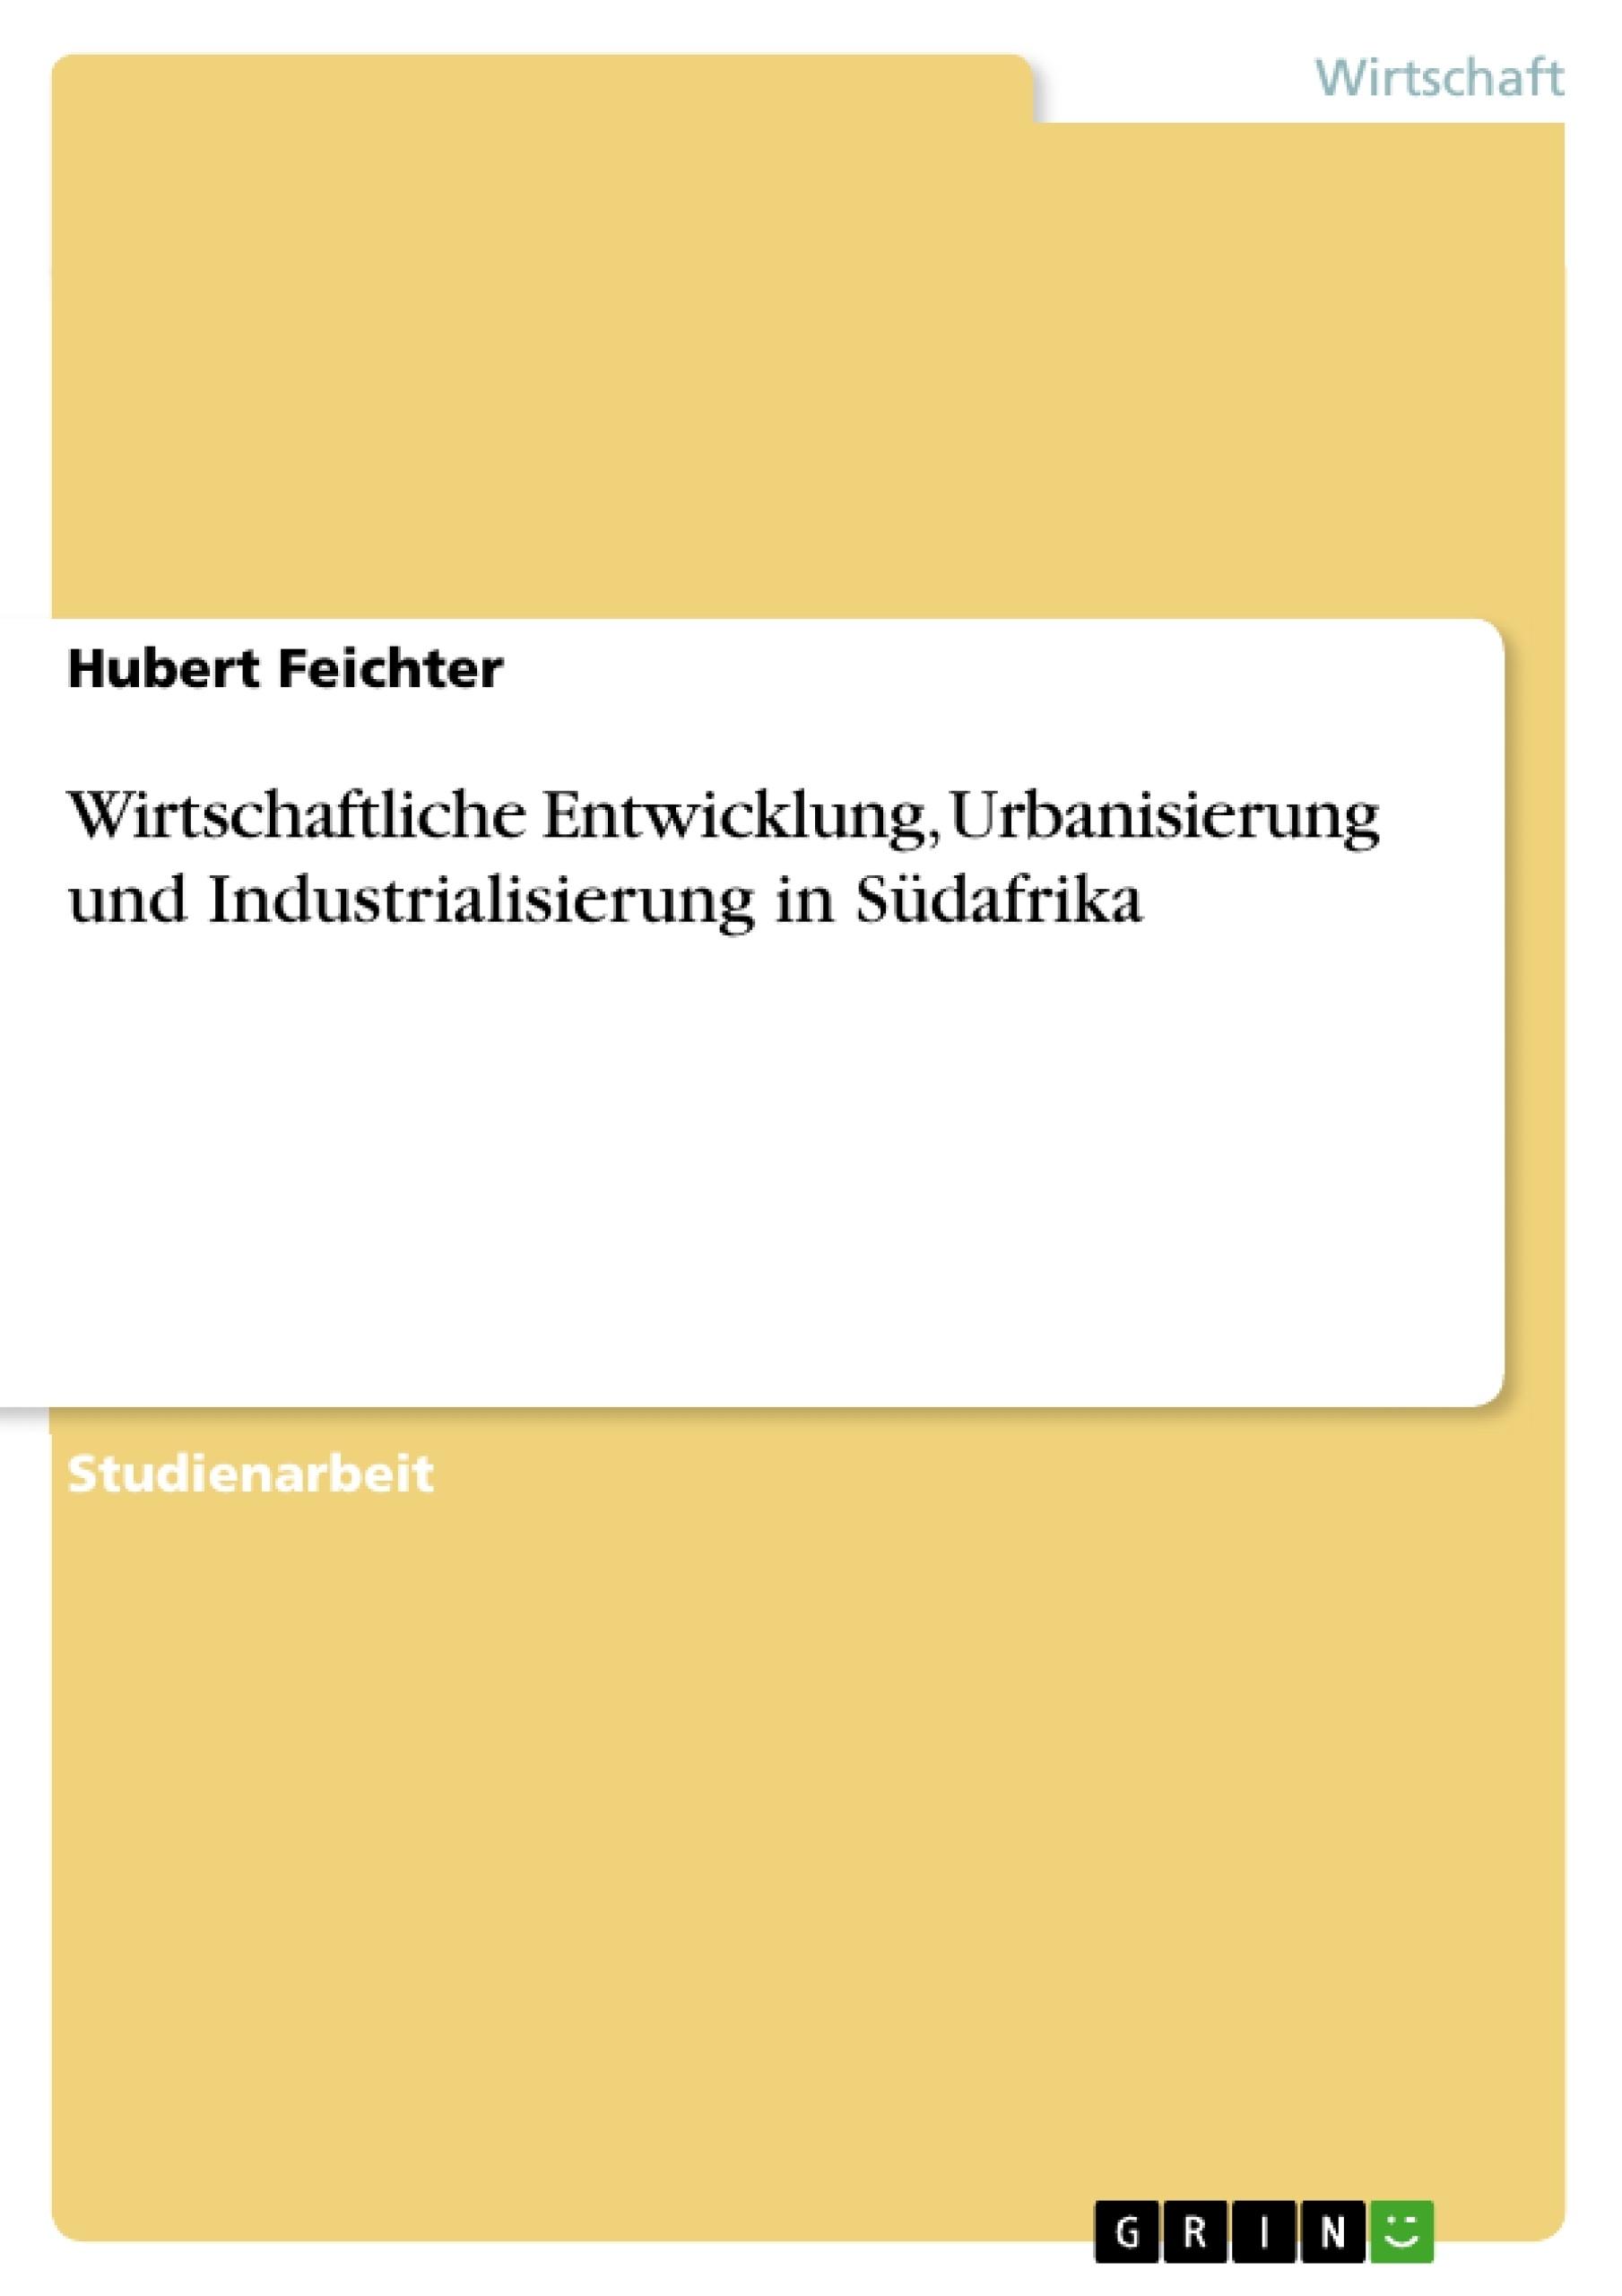 Titel: Wirtschaftliche Entwicklung, Urbanisierung und Industrialisierung in Südafrika